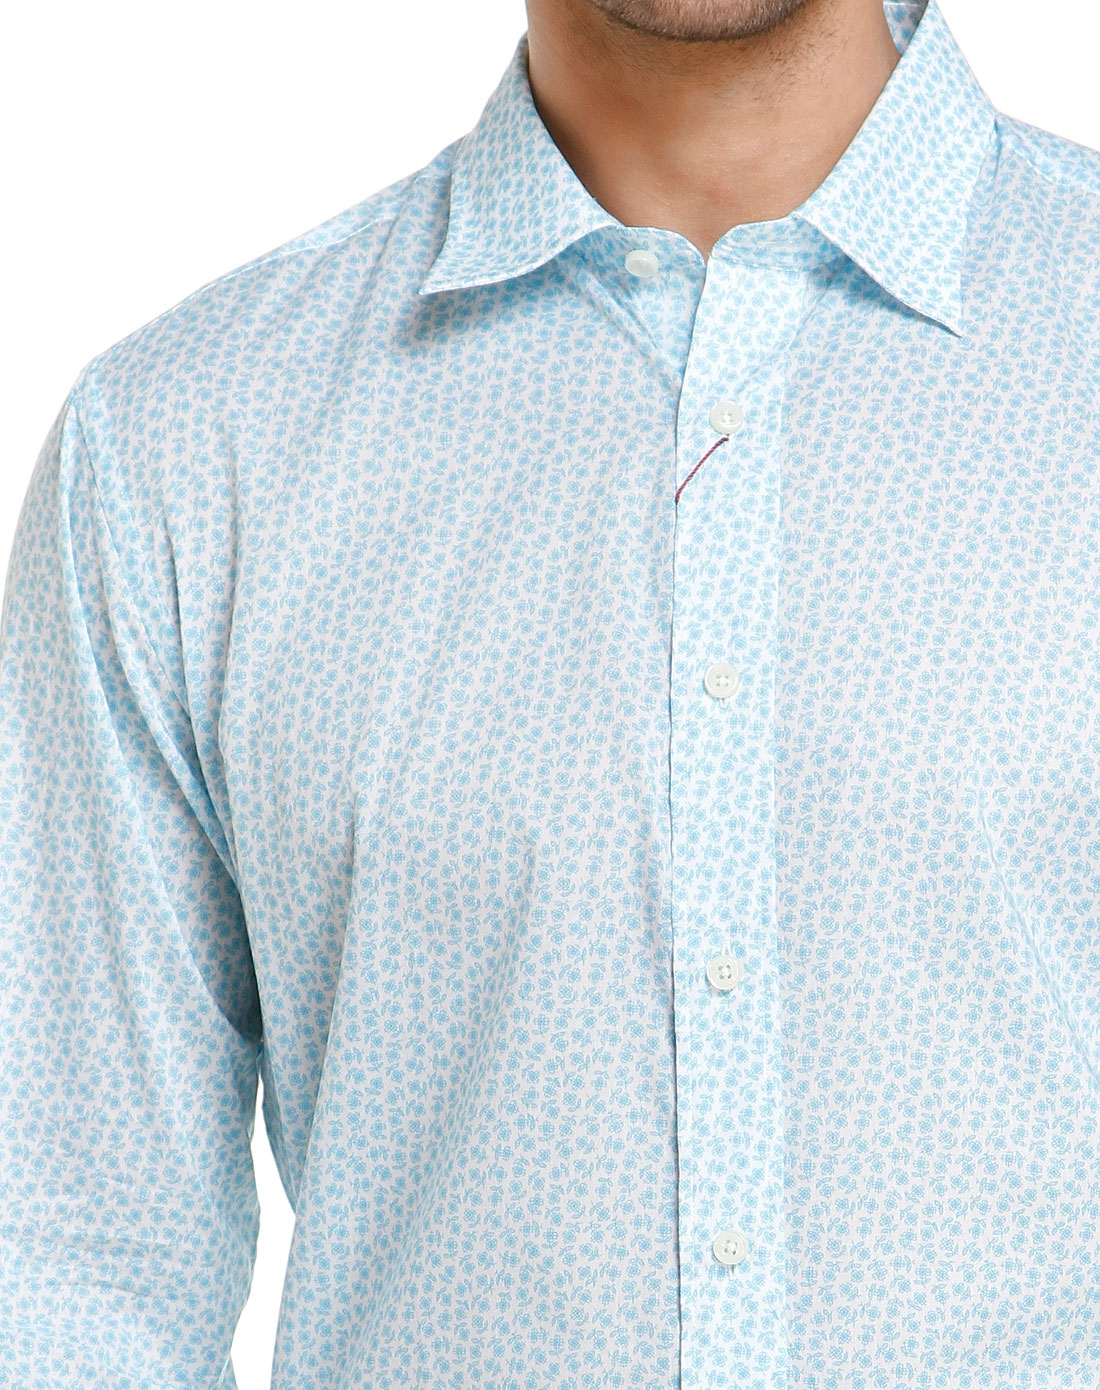 浅蓝色花纹时尚长袖衬衫